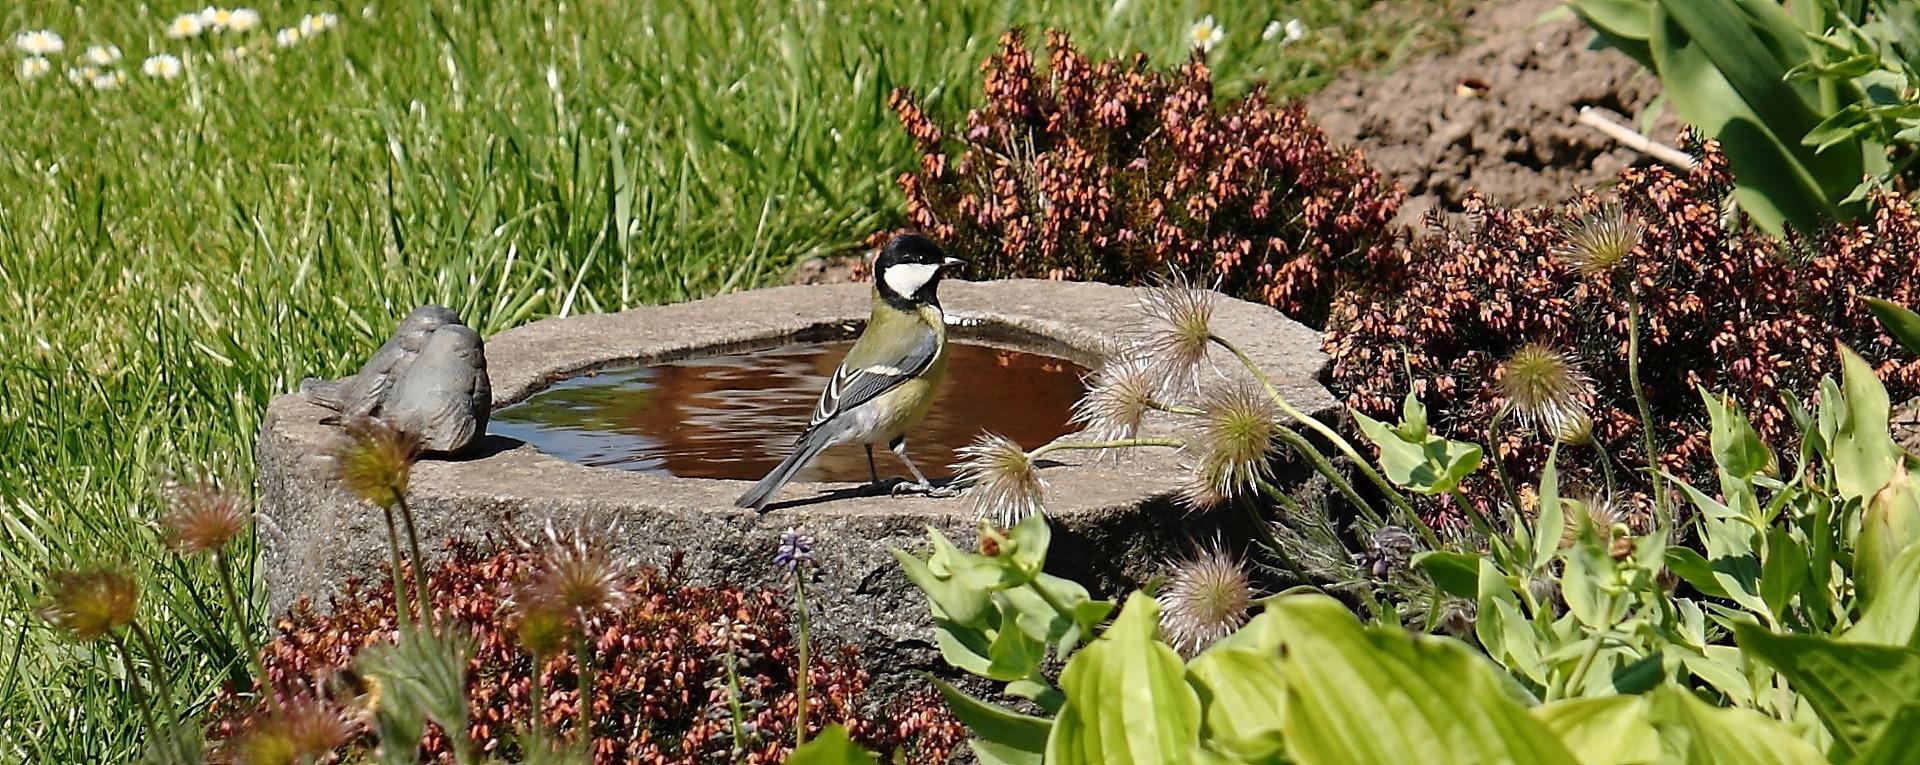 Berühmt Hitze in Bayern: Wasserstelle für Vögel und Co. aufstellen | TVA @PV_82